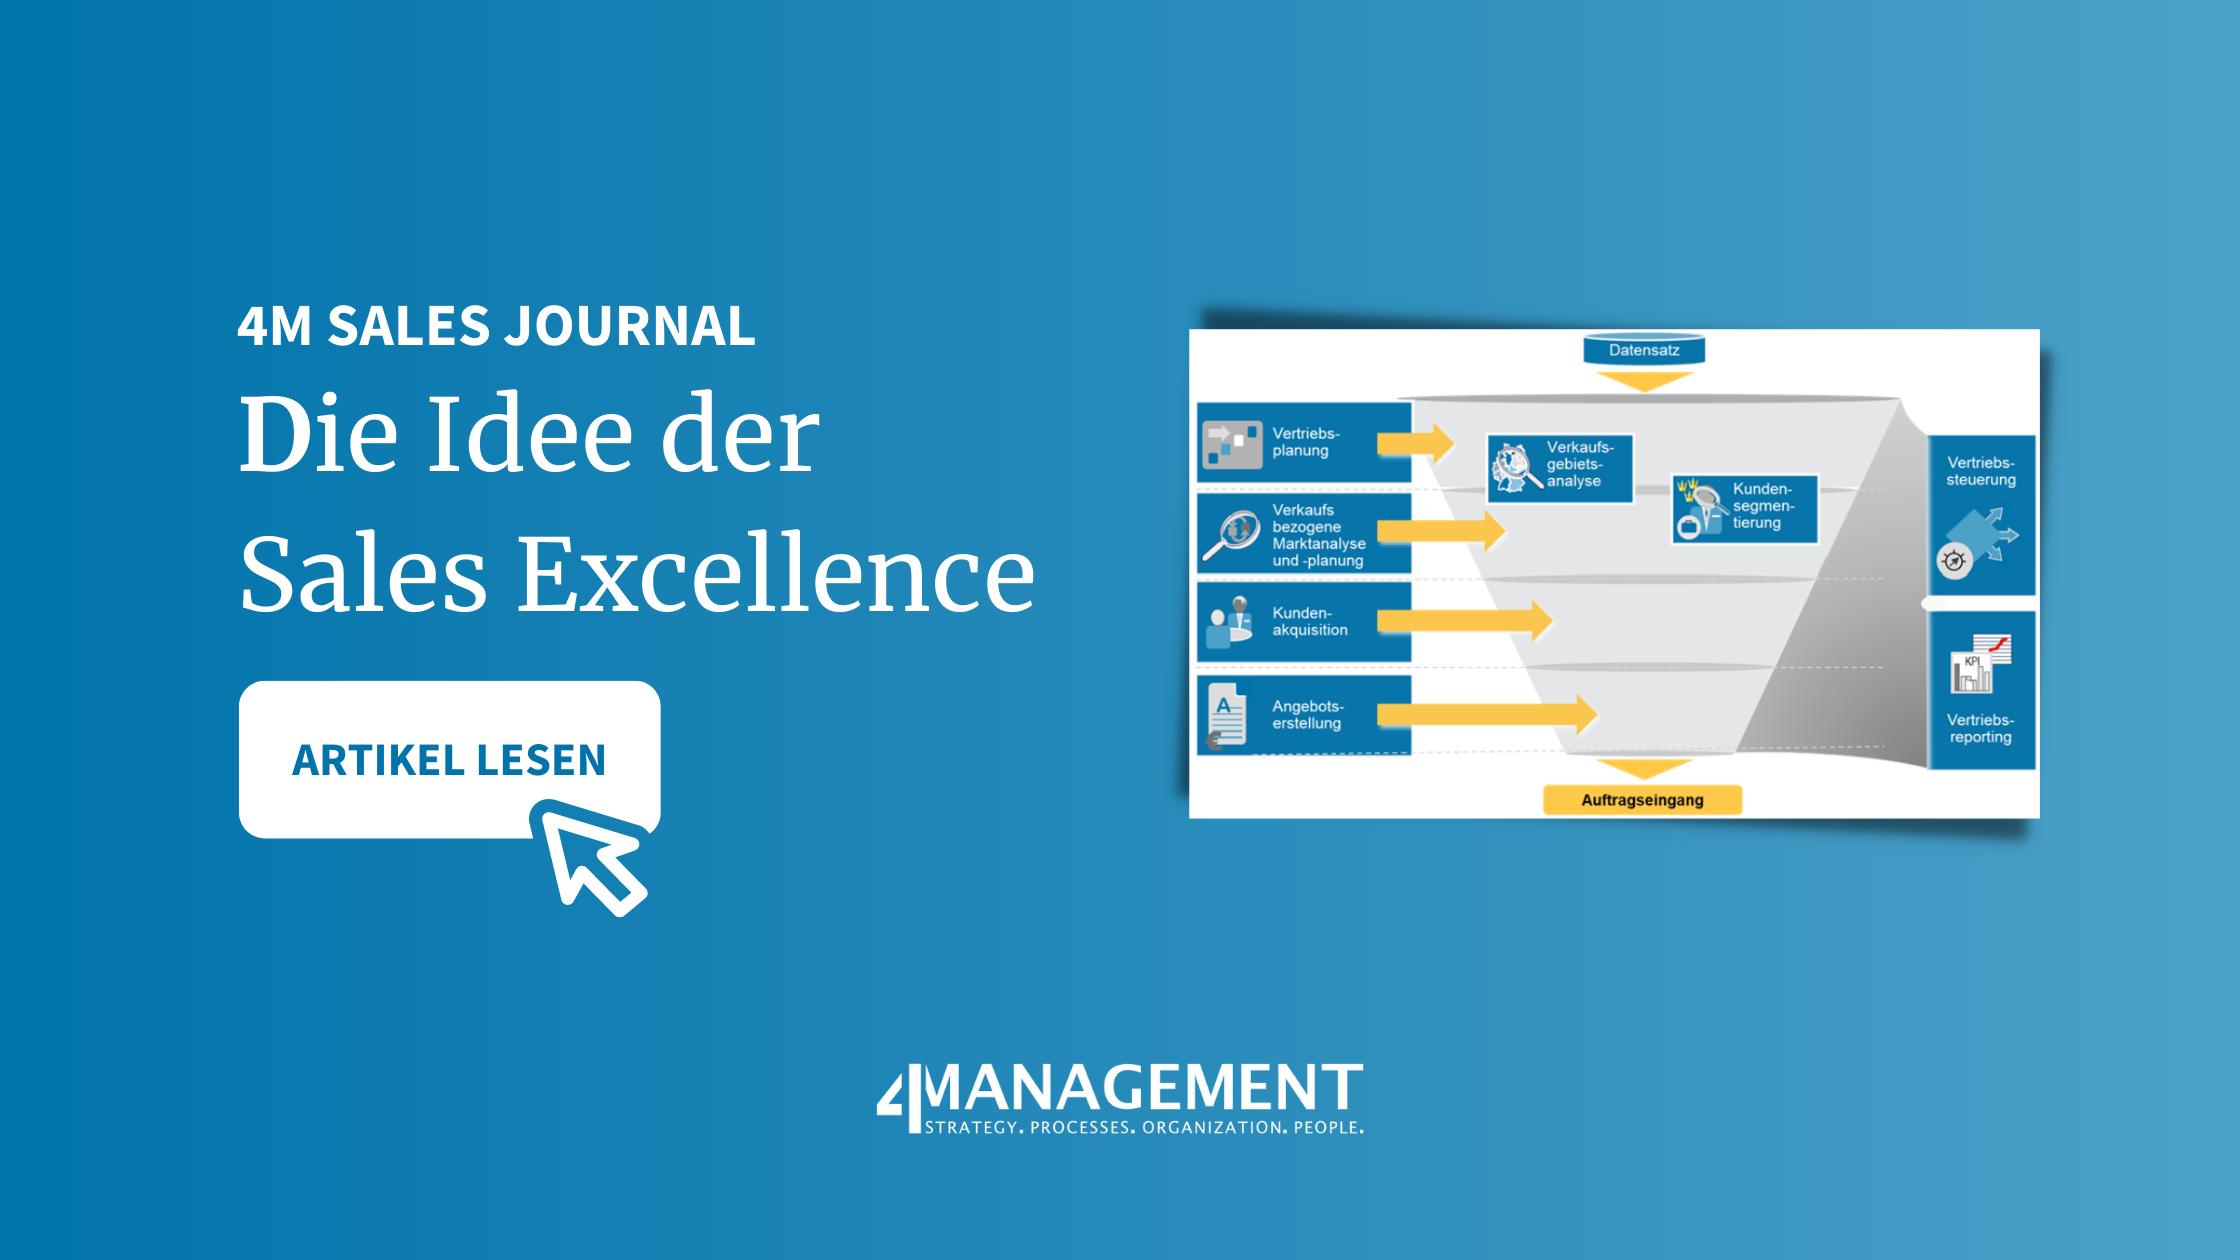 Eine Einführung in die Idee der Sales Excellence